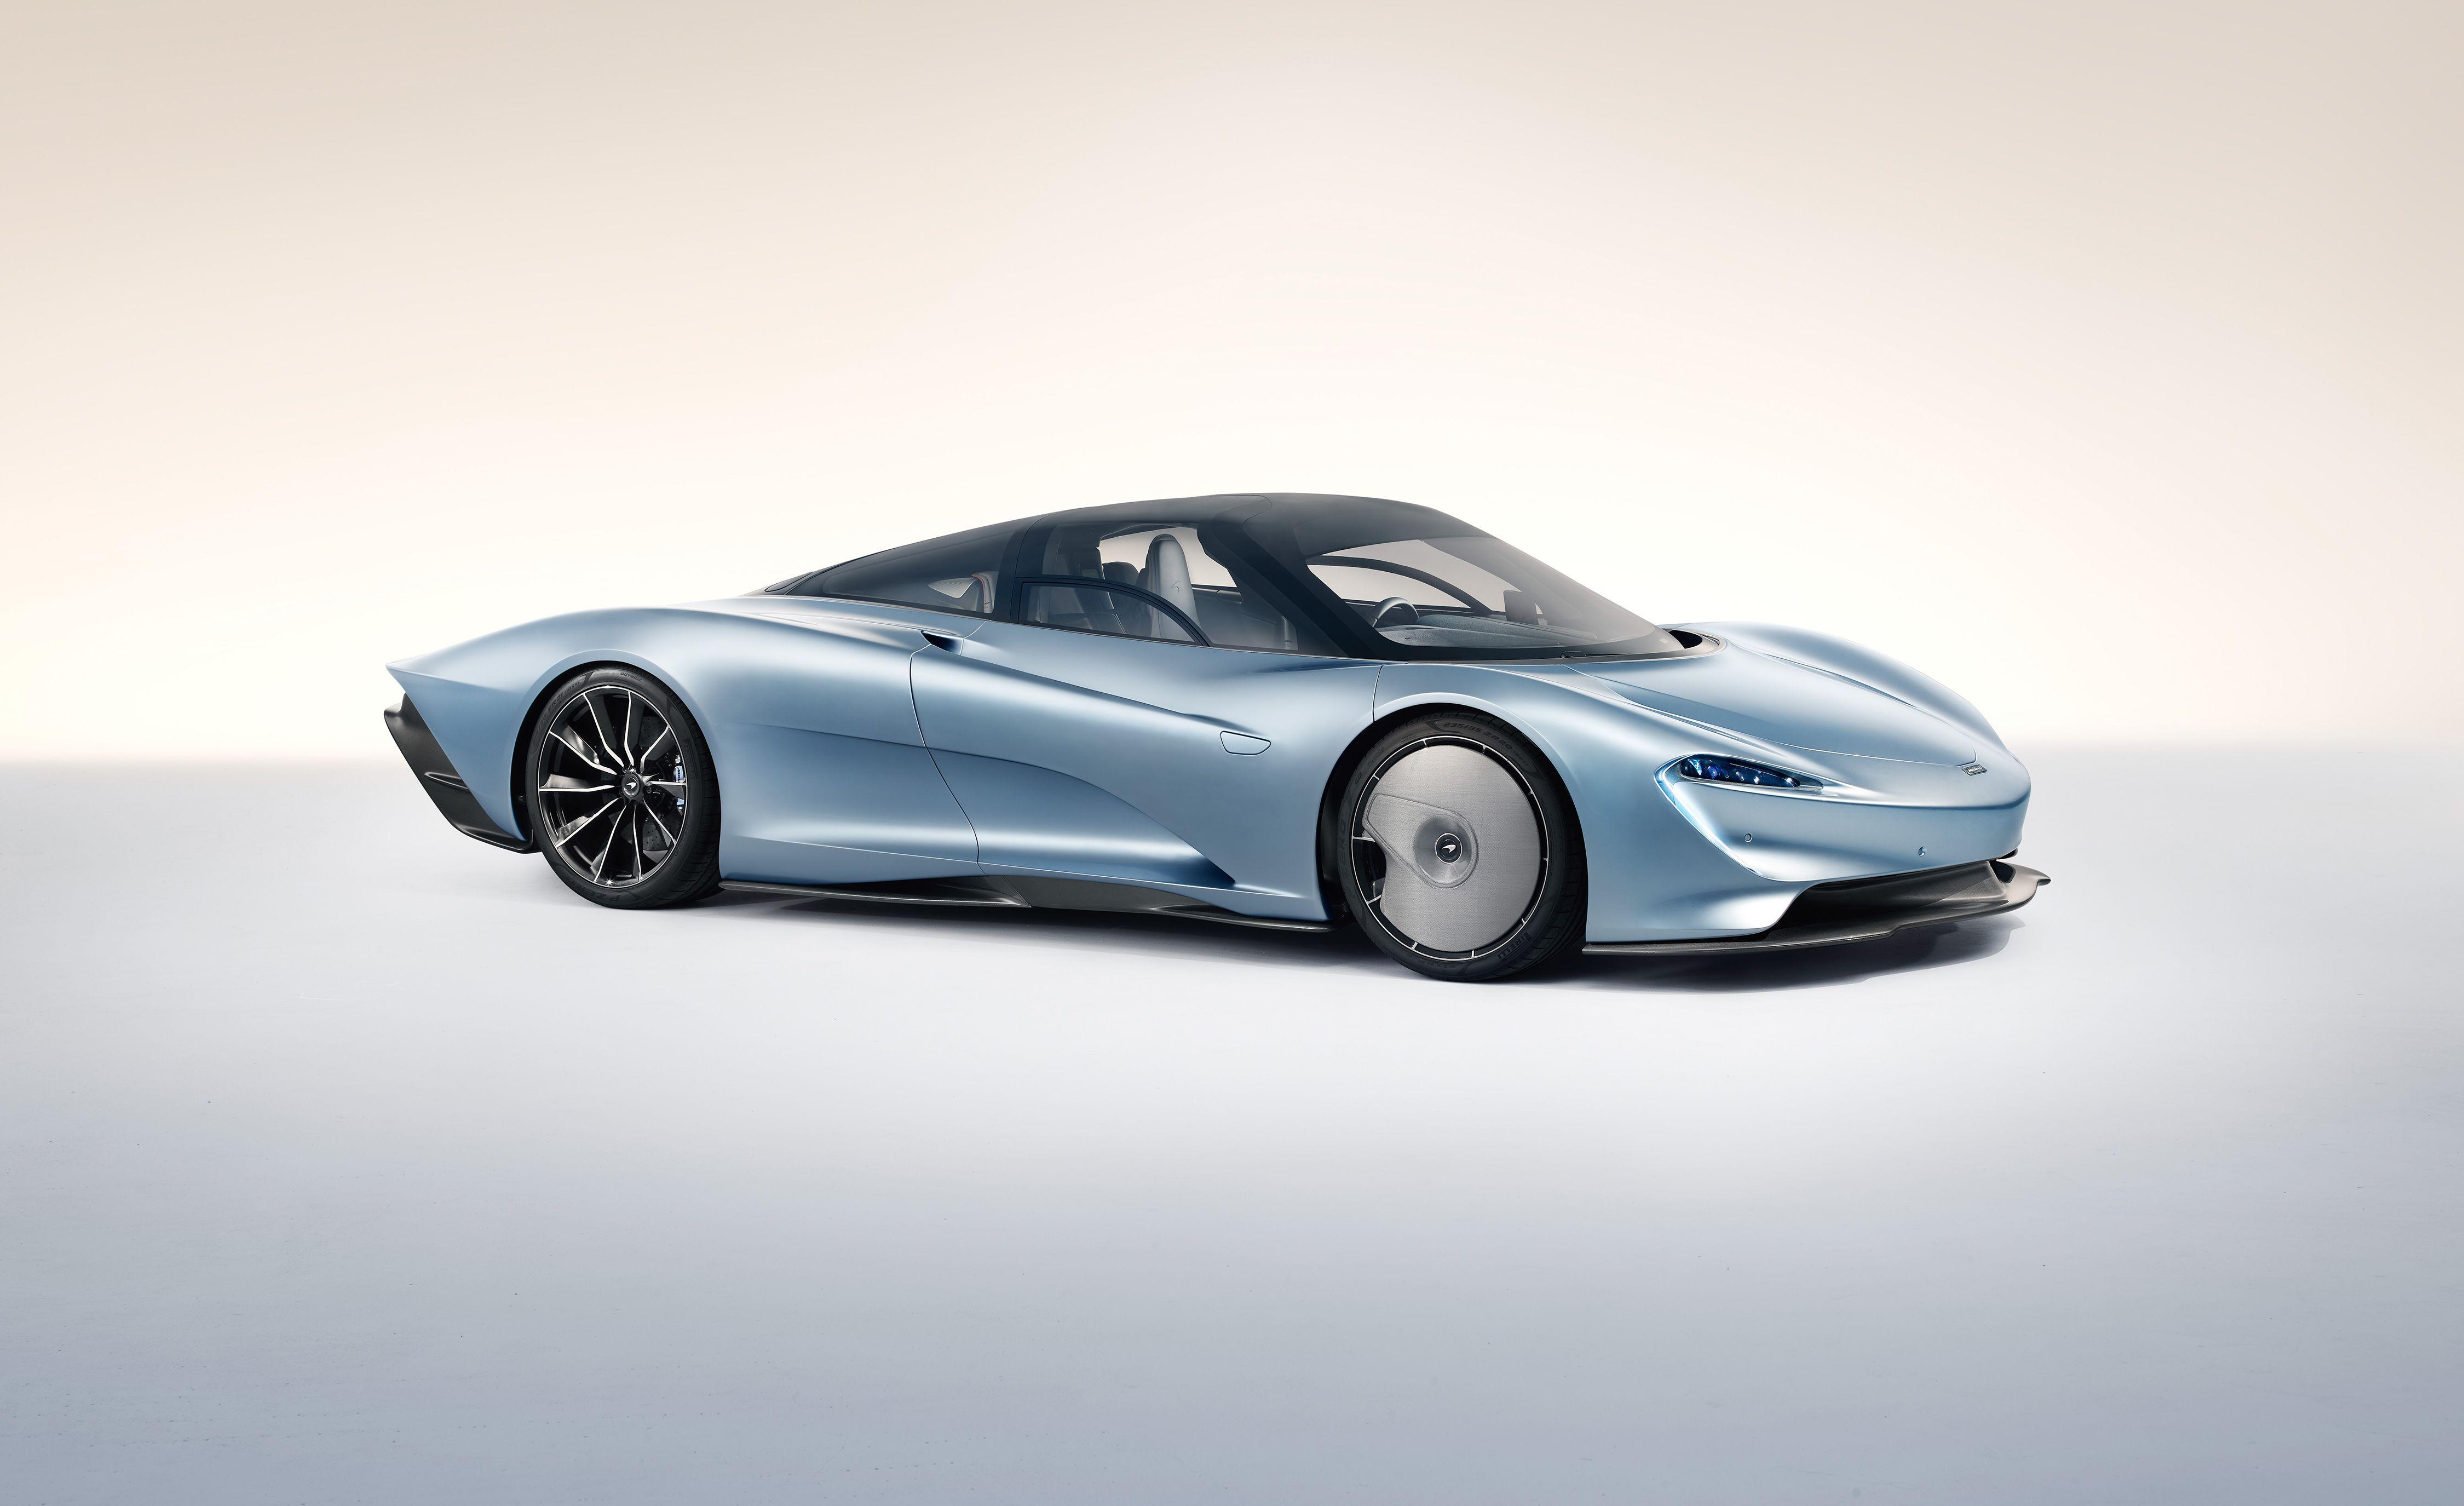 Koenigsegg Plans To Build Hybrid Supercar For 2020